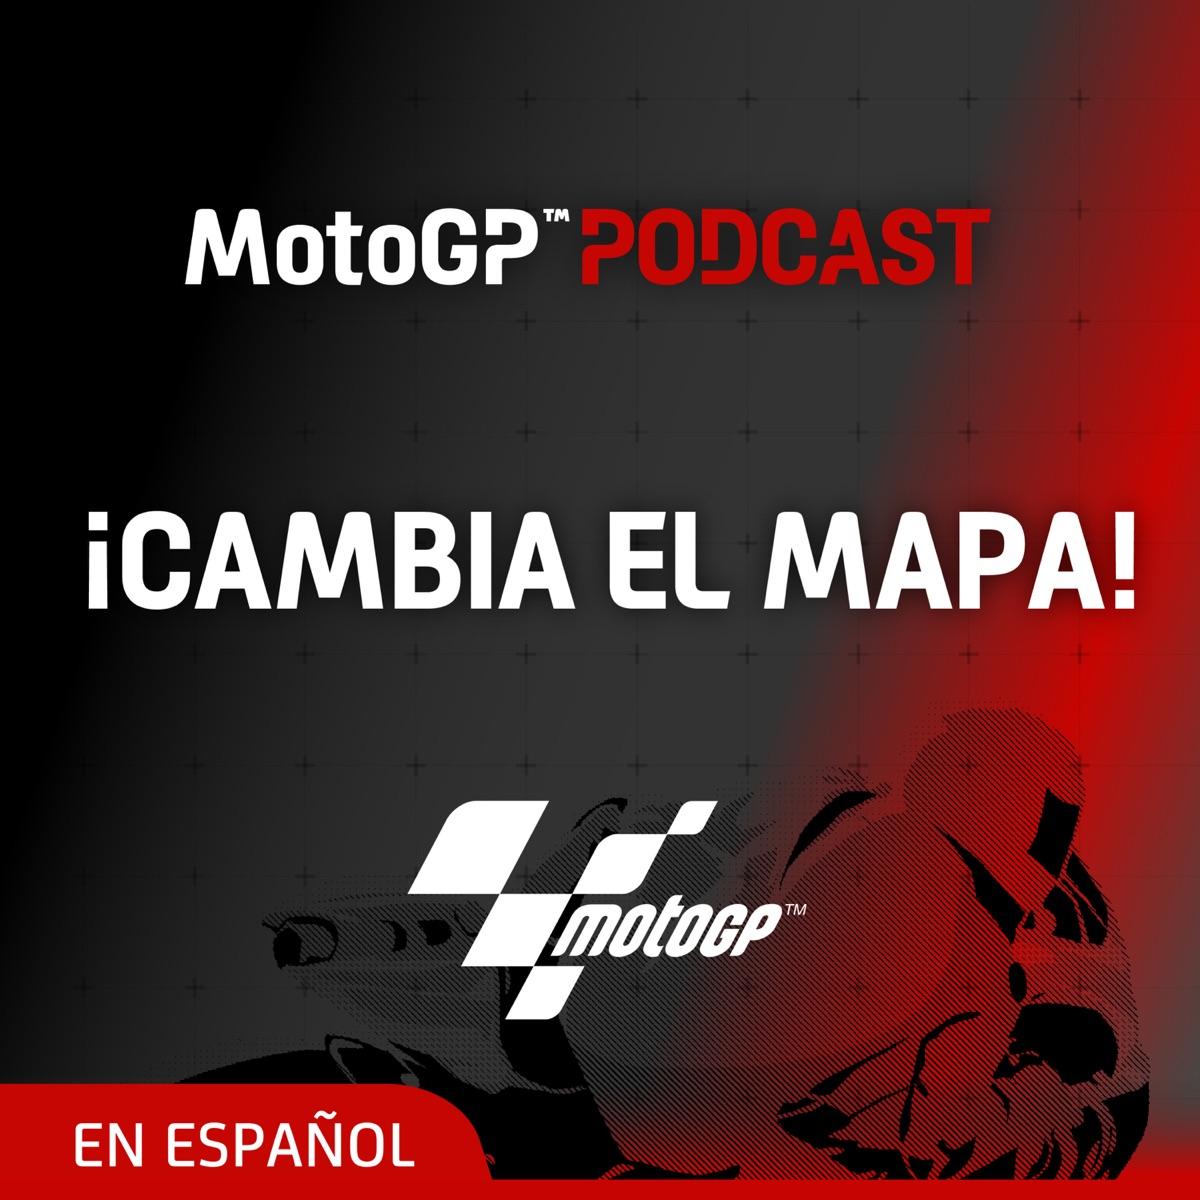 ¡Cambia el mapa! - El Podcast de MotoGP™ en español